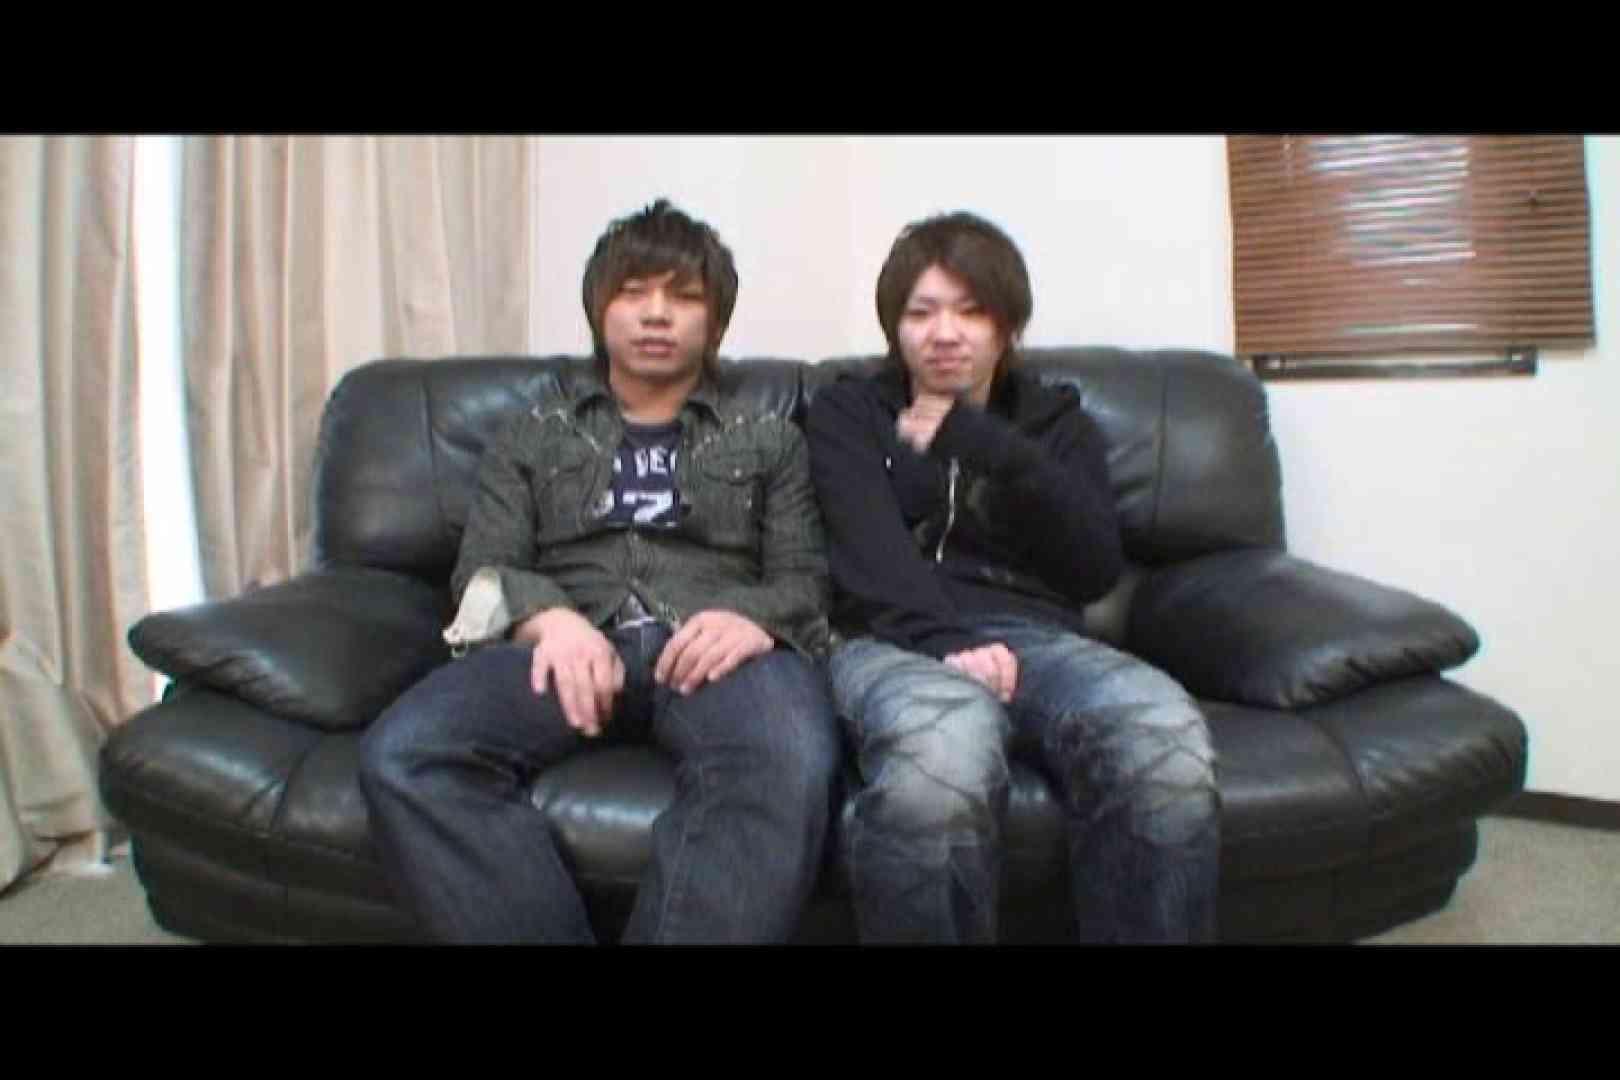 コンビネーションBoys!vol.01 エッチ ゲイアダルトビデオ画像 55pic 13